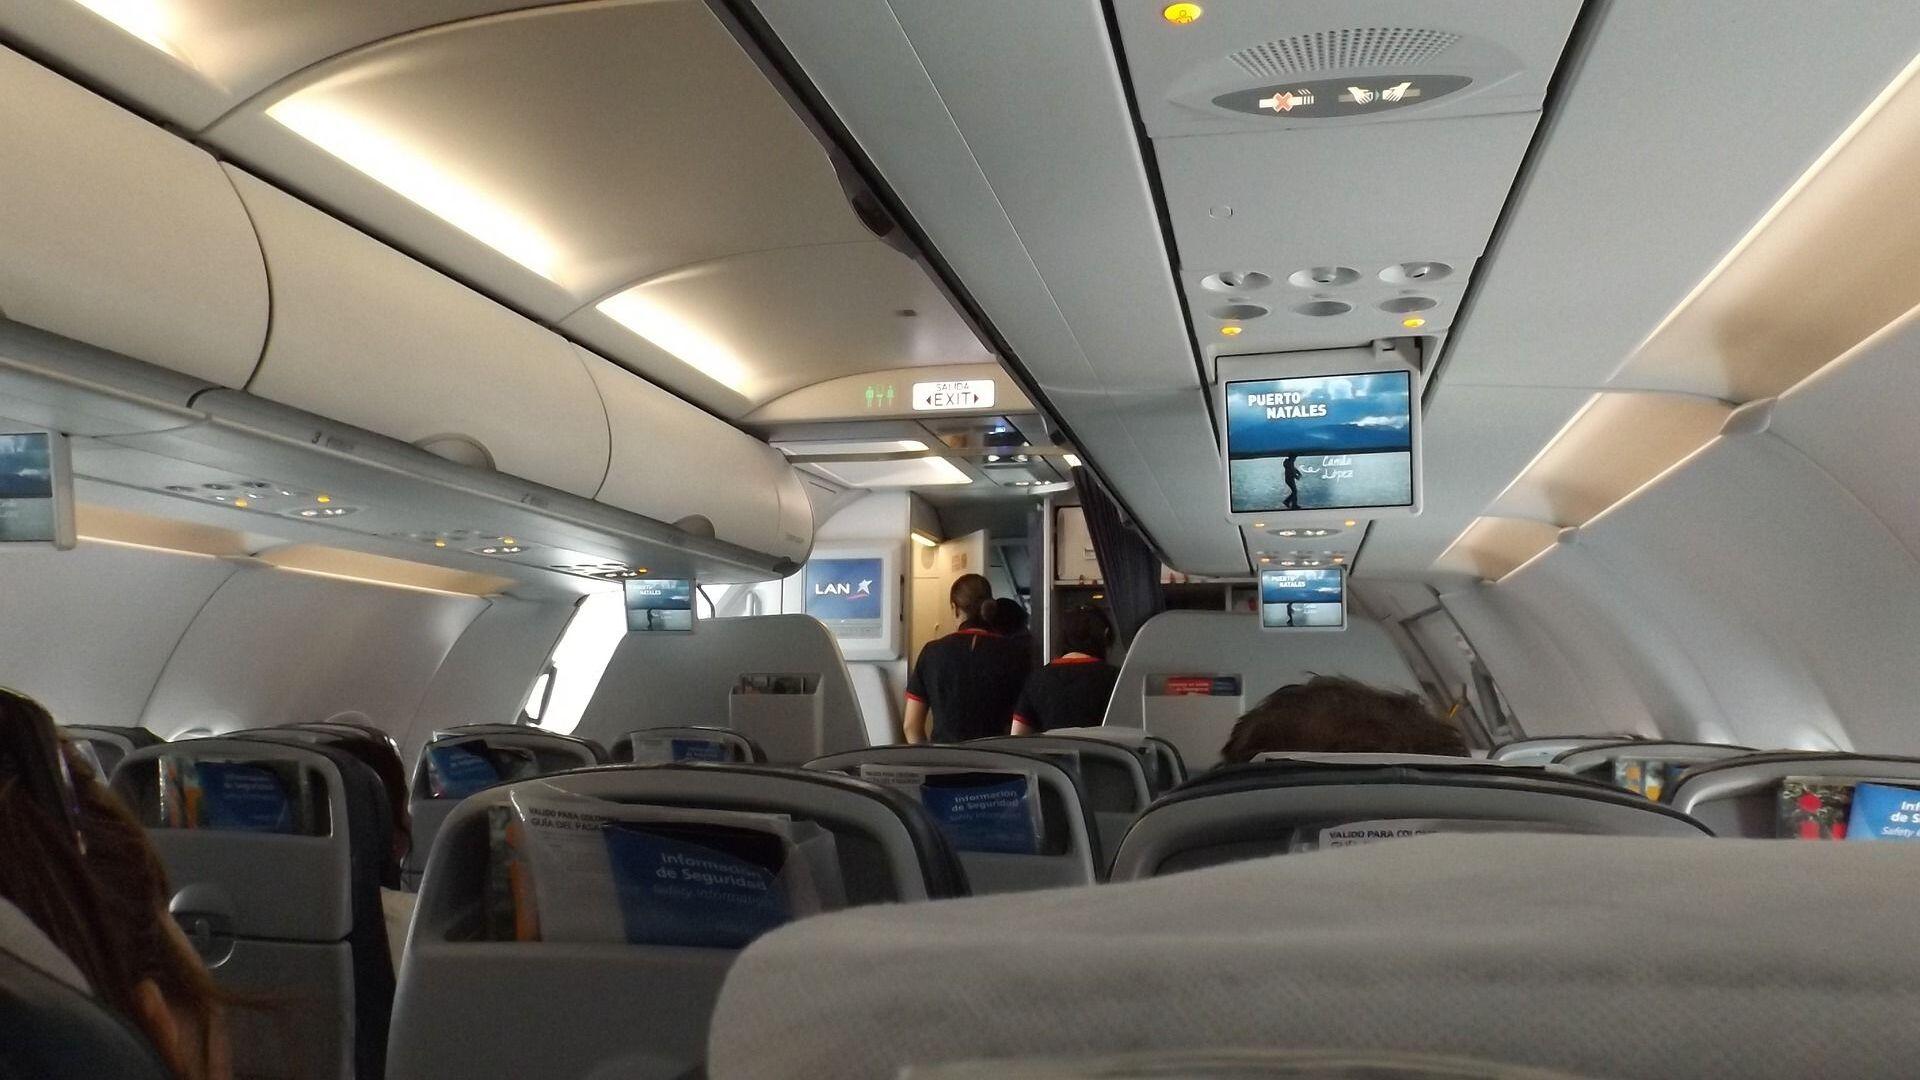 Nella cabina di un aereo - Sputnik Italia, 1920, 17.06.2021